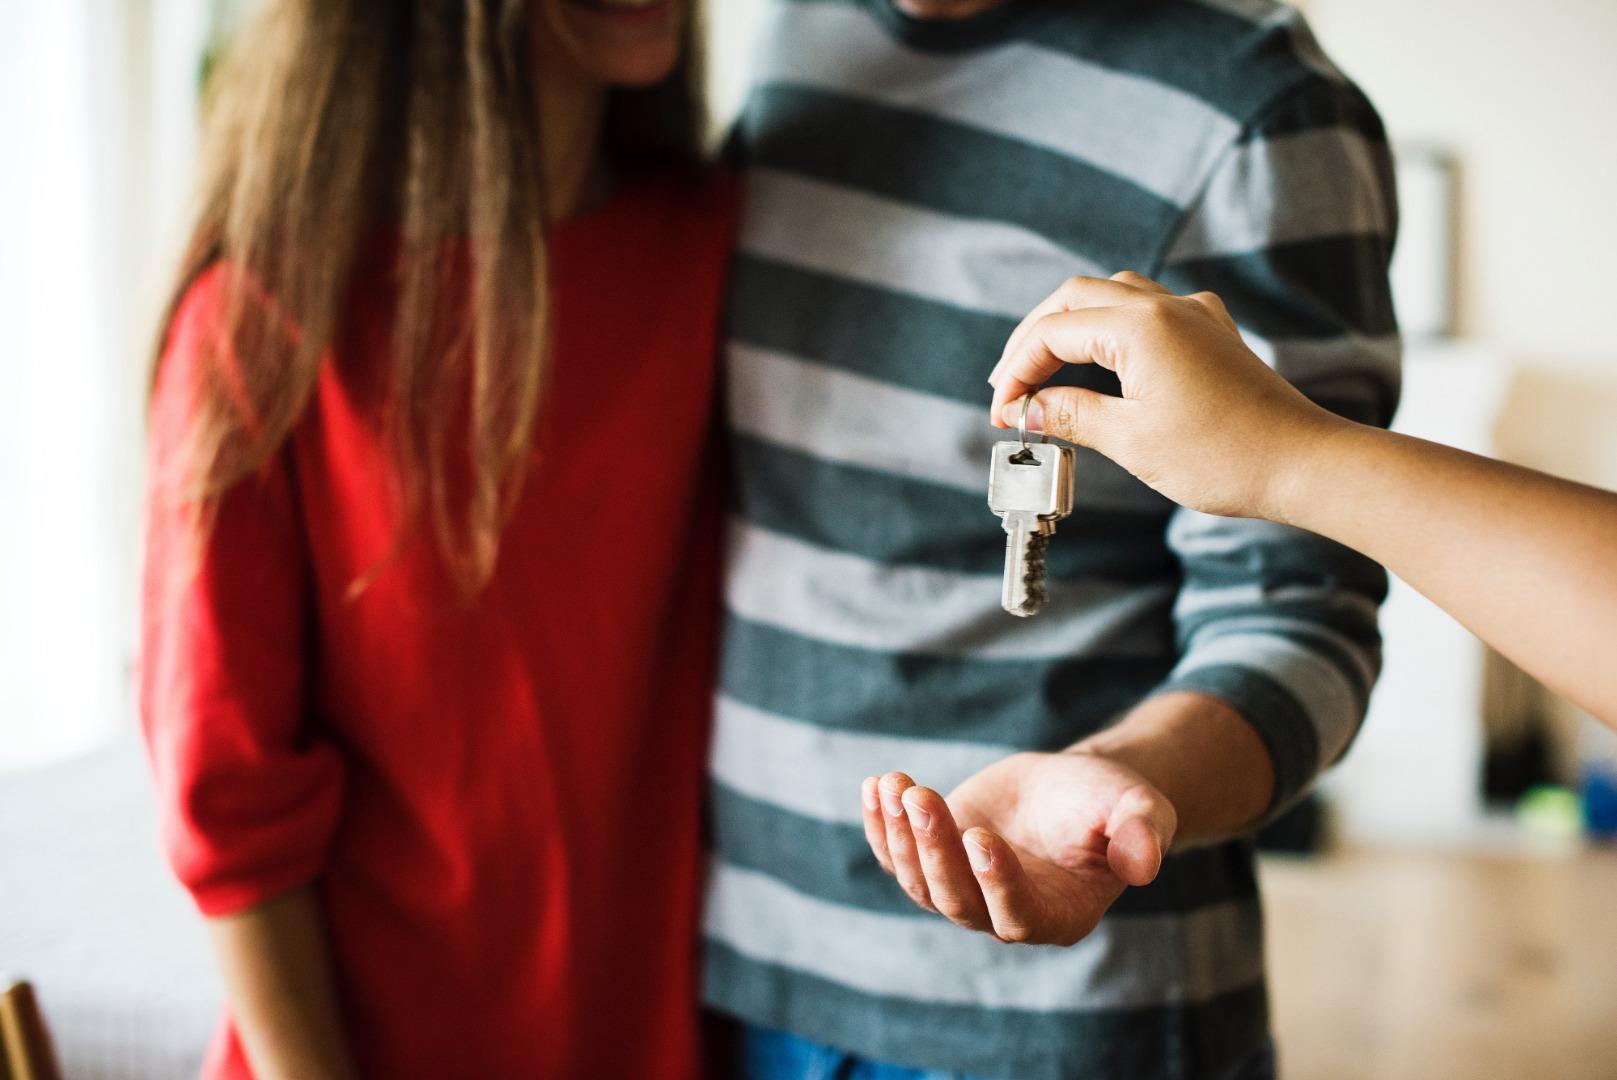 Retração econômica torna consórcio uma opção atrativa para compra de bens em médio prazo